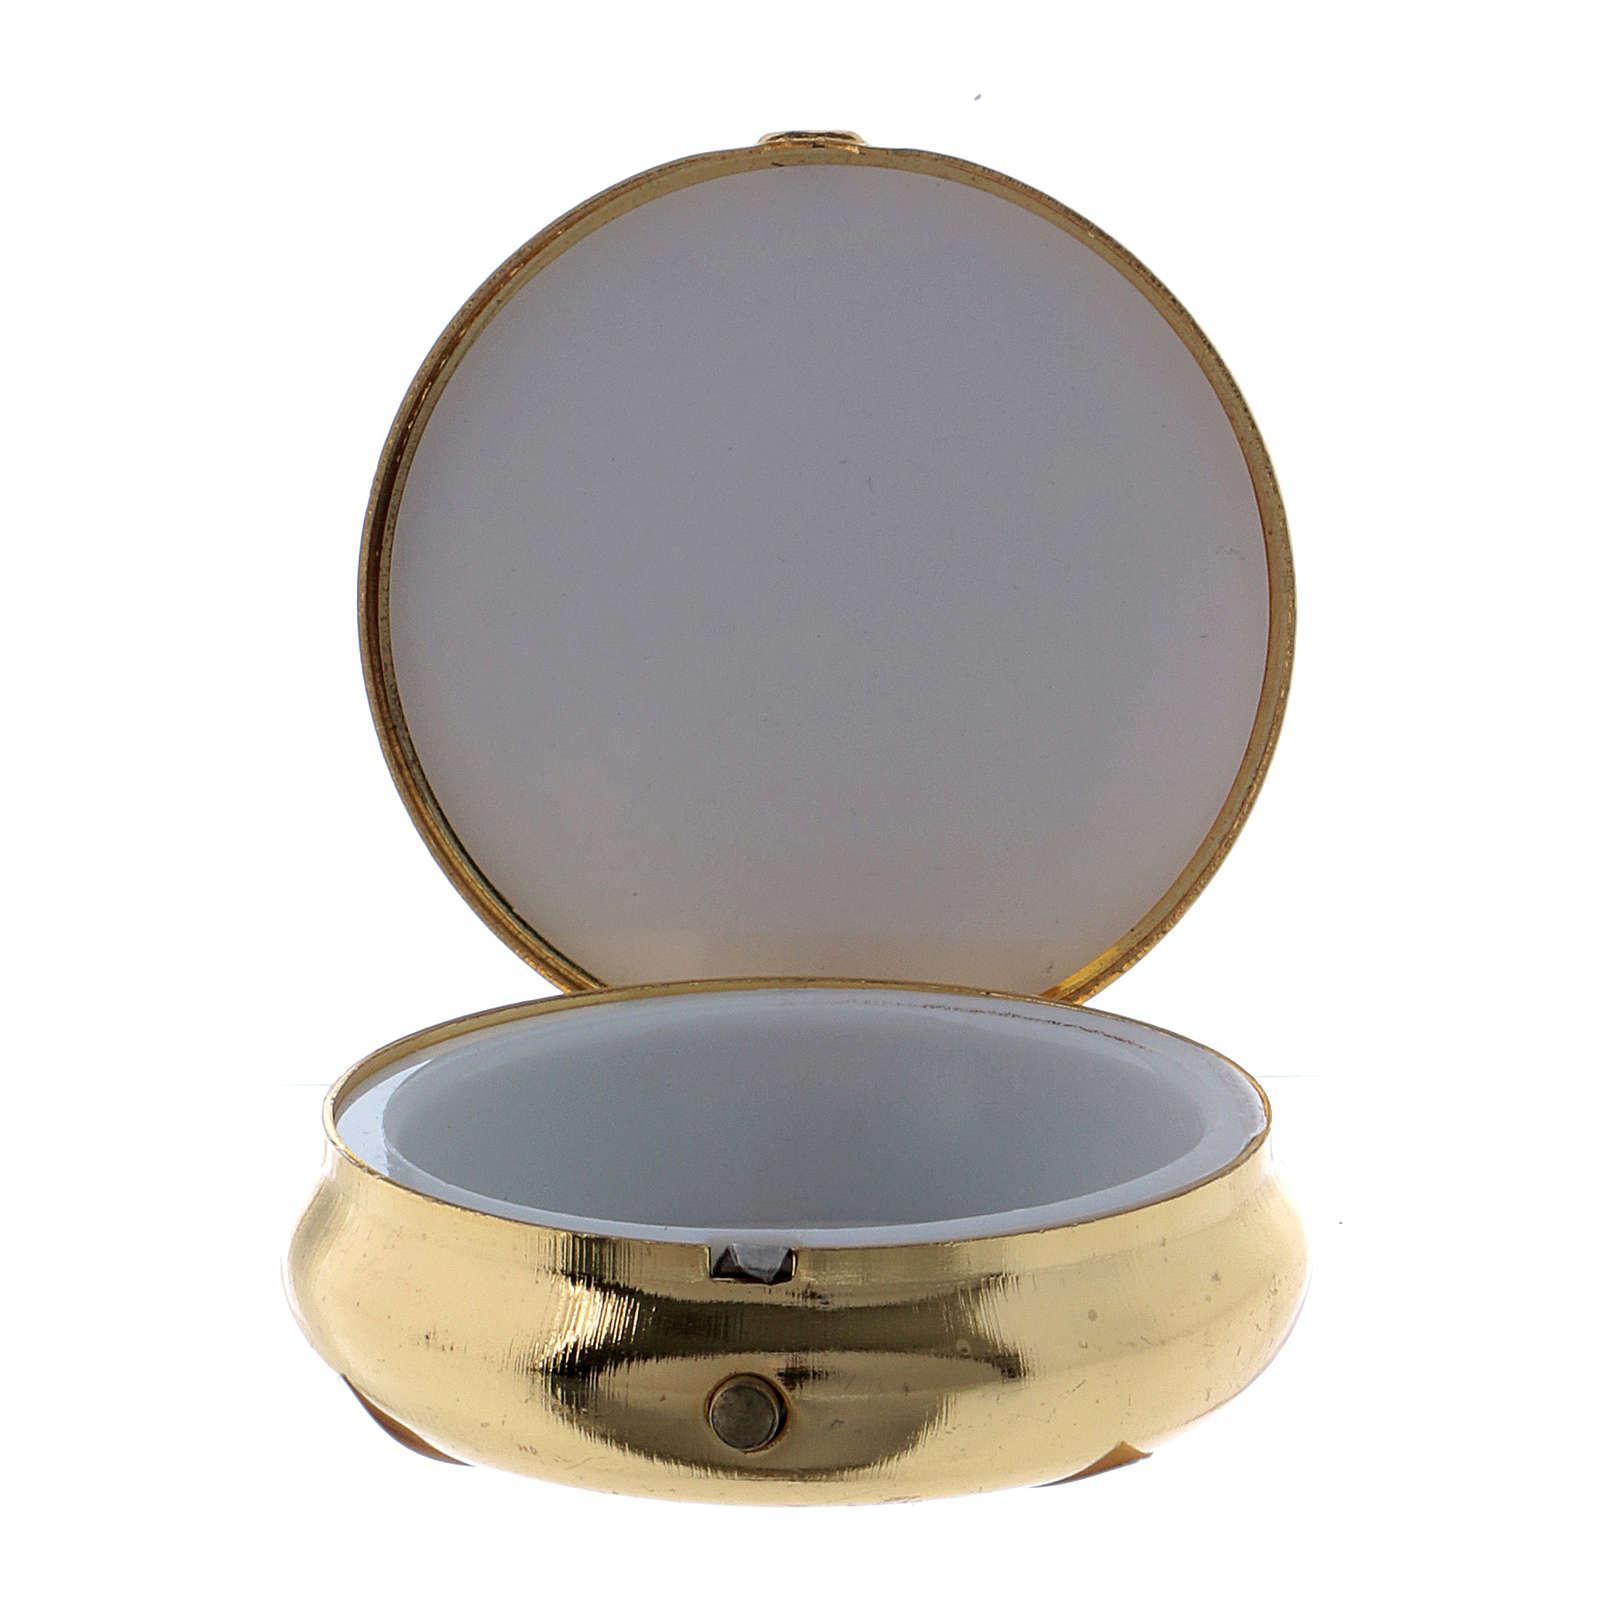 Portaostia Colomba S.S. in metallo placca alluminio 5 cm 3